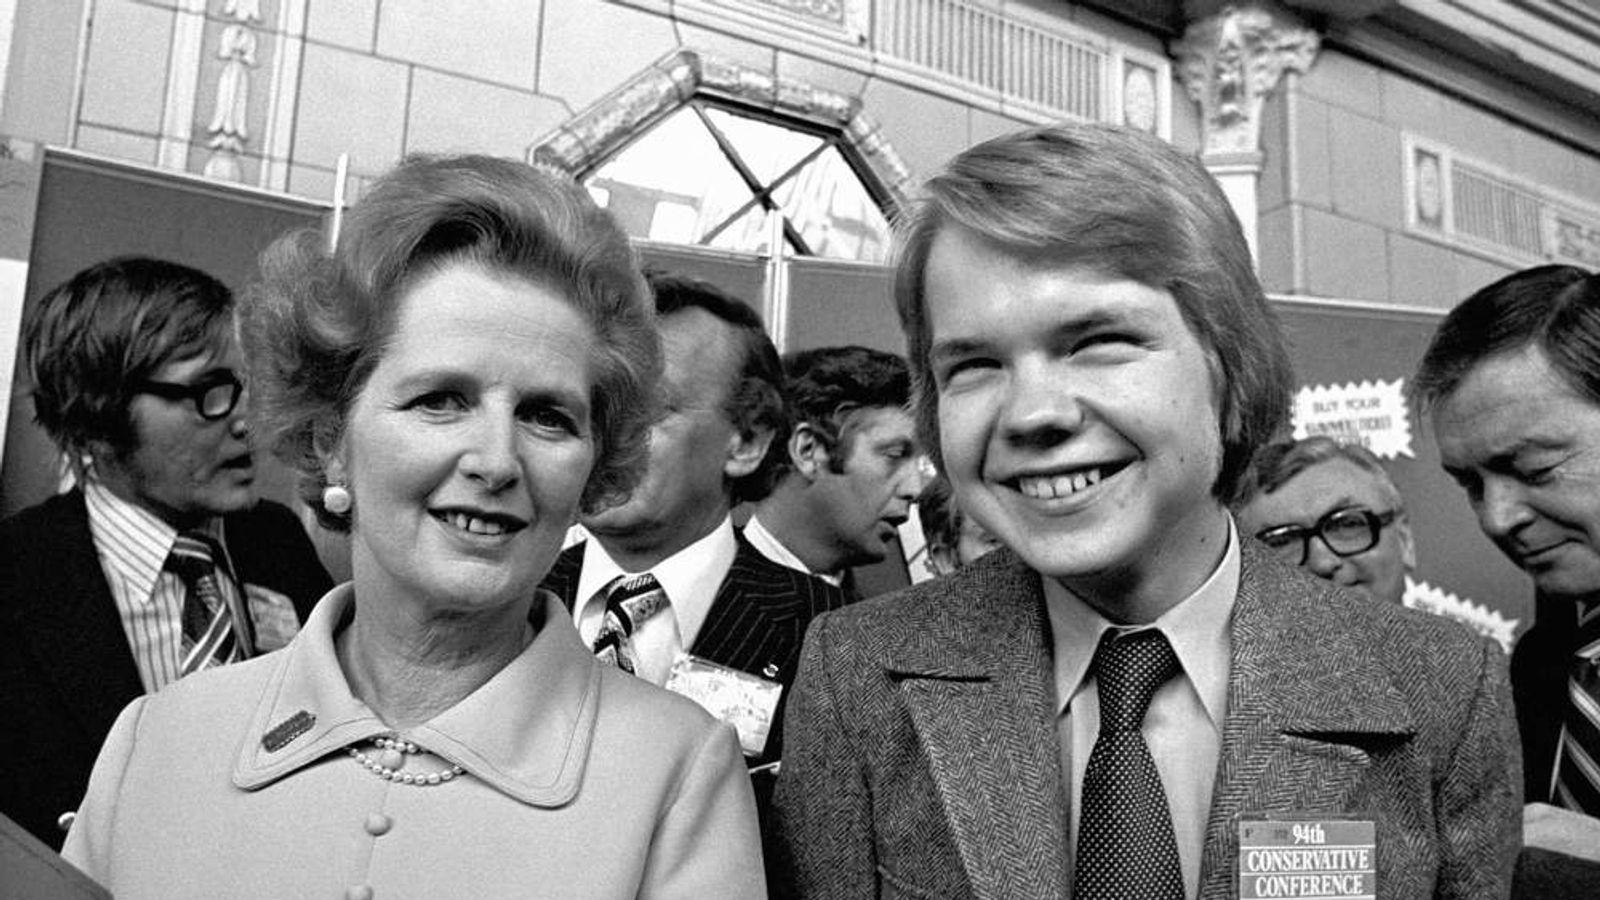 William Hague with Margaret Thatcher in 1977